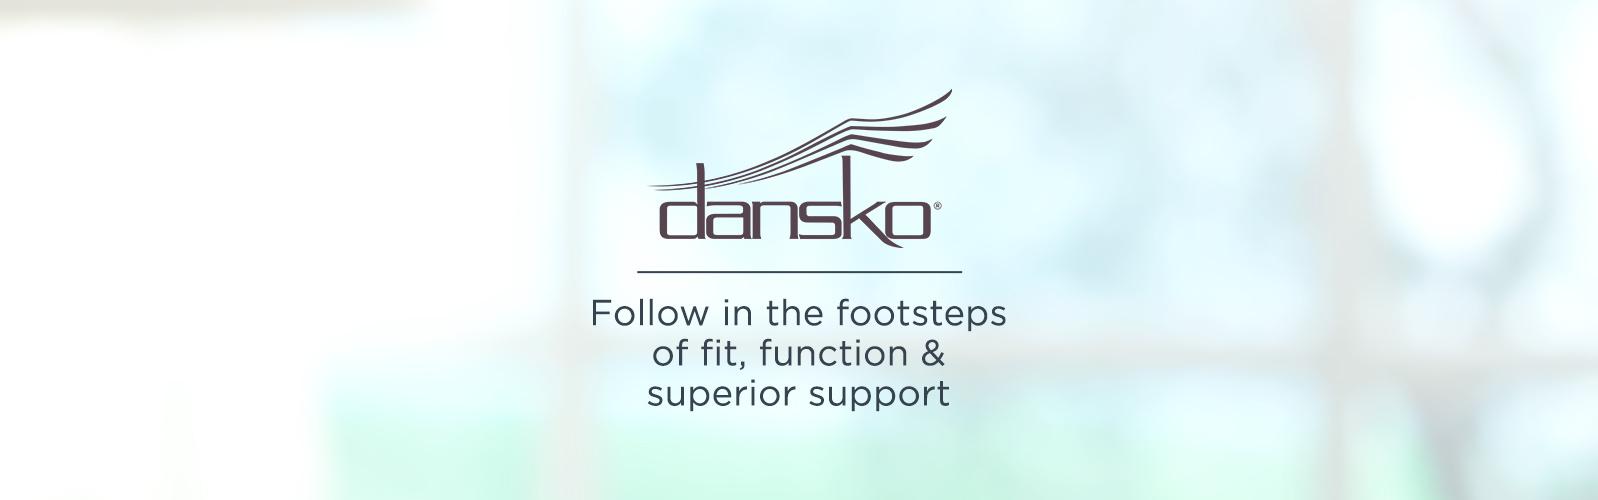 65598047522 dansko Follow in the footsteps of fit